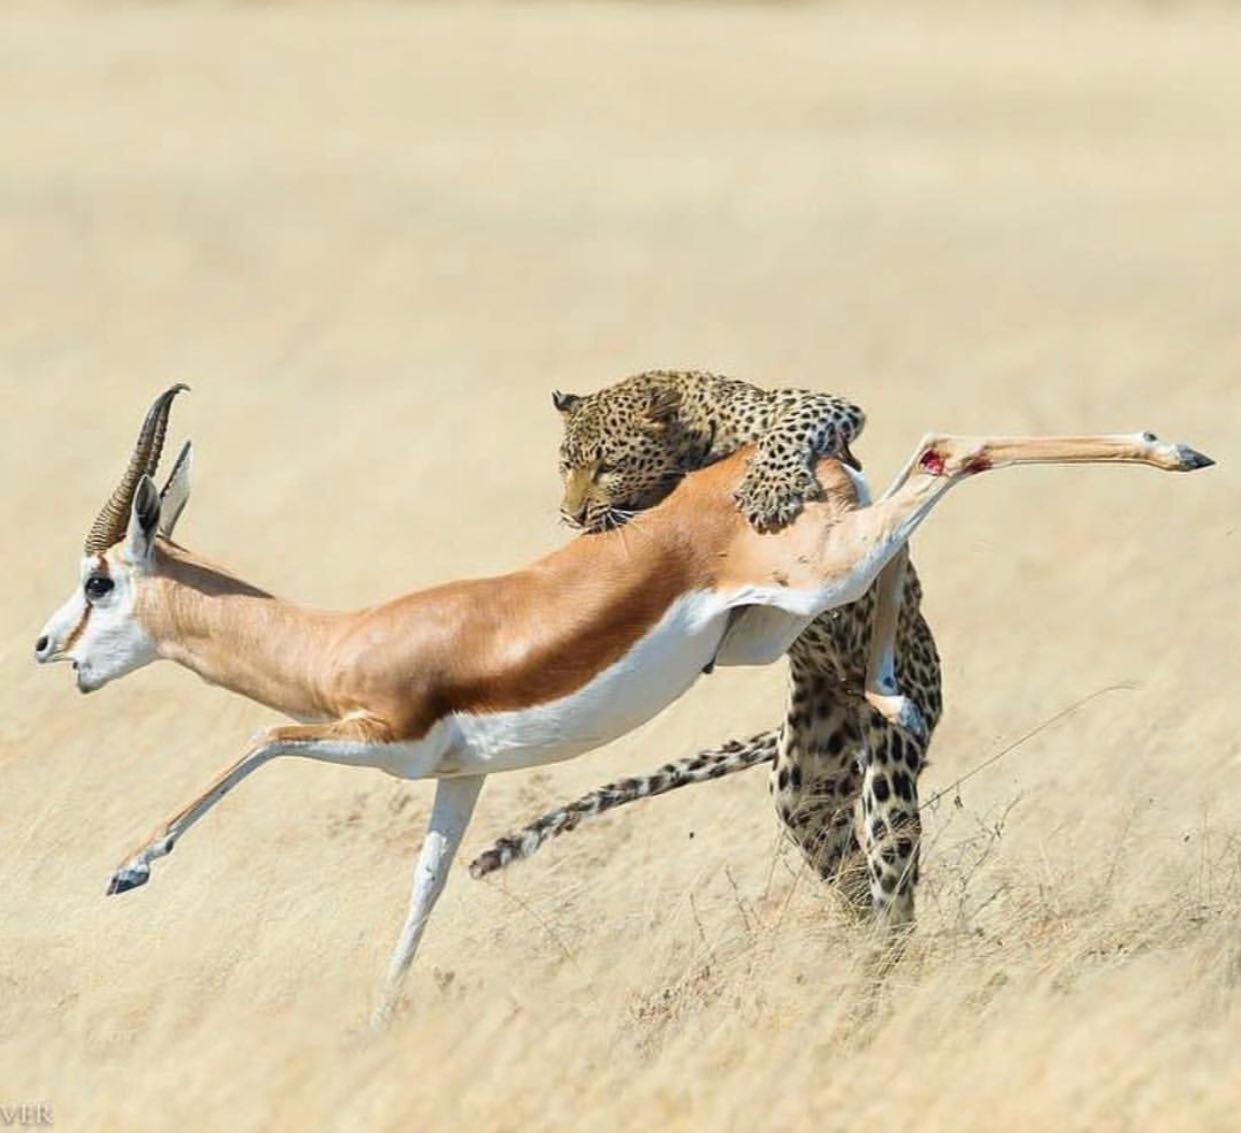 لحظه شکار ناگهانی غزال توسط پلنگ!